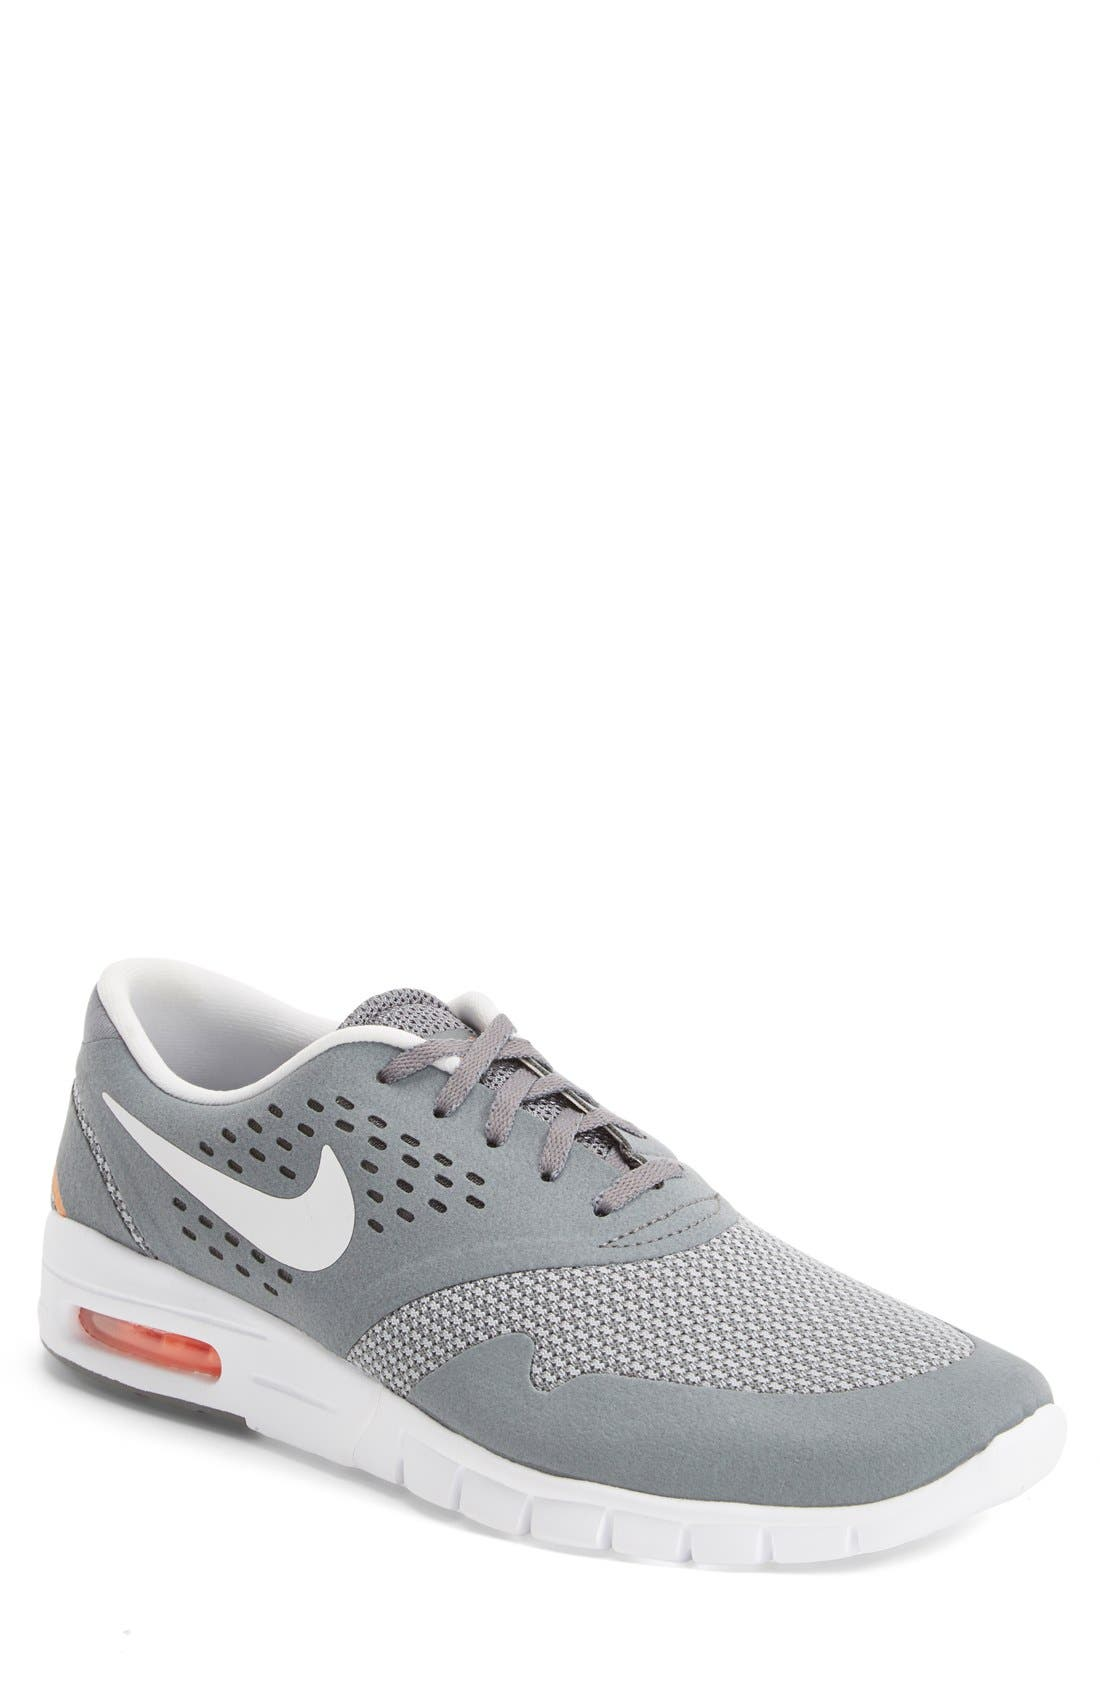 'Eric Koston 2 Max' Skate Sneaker, Main, color, 088